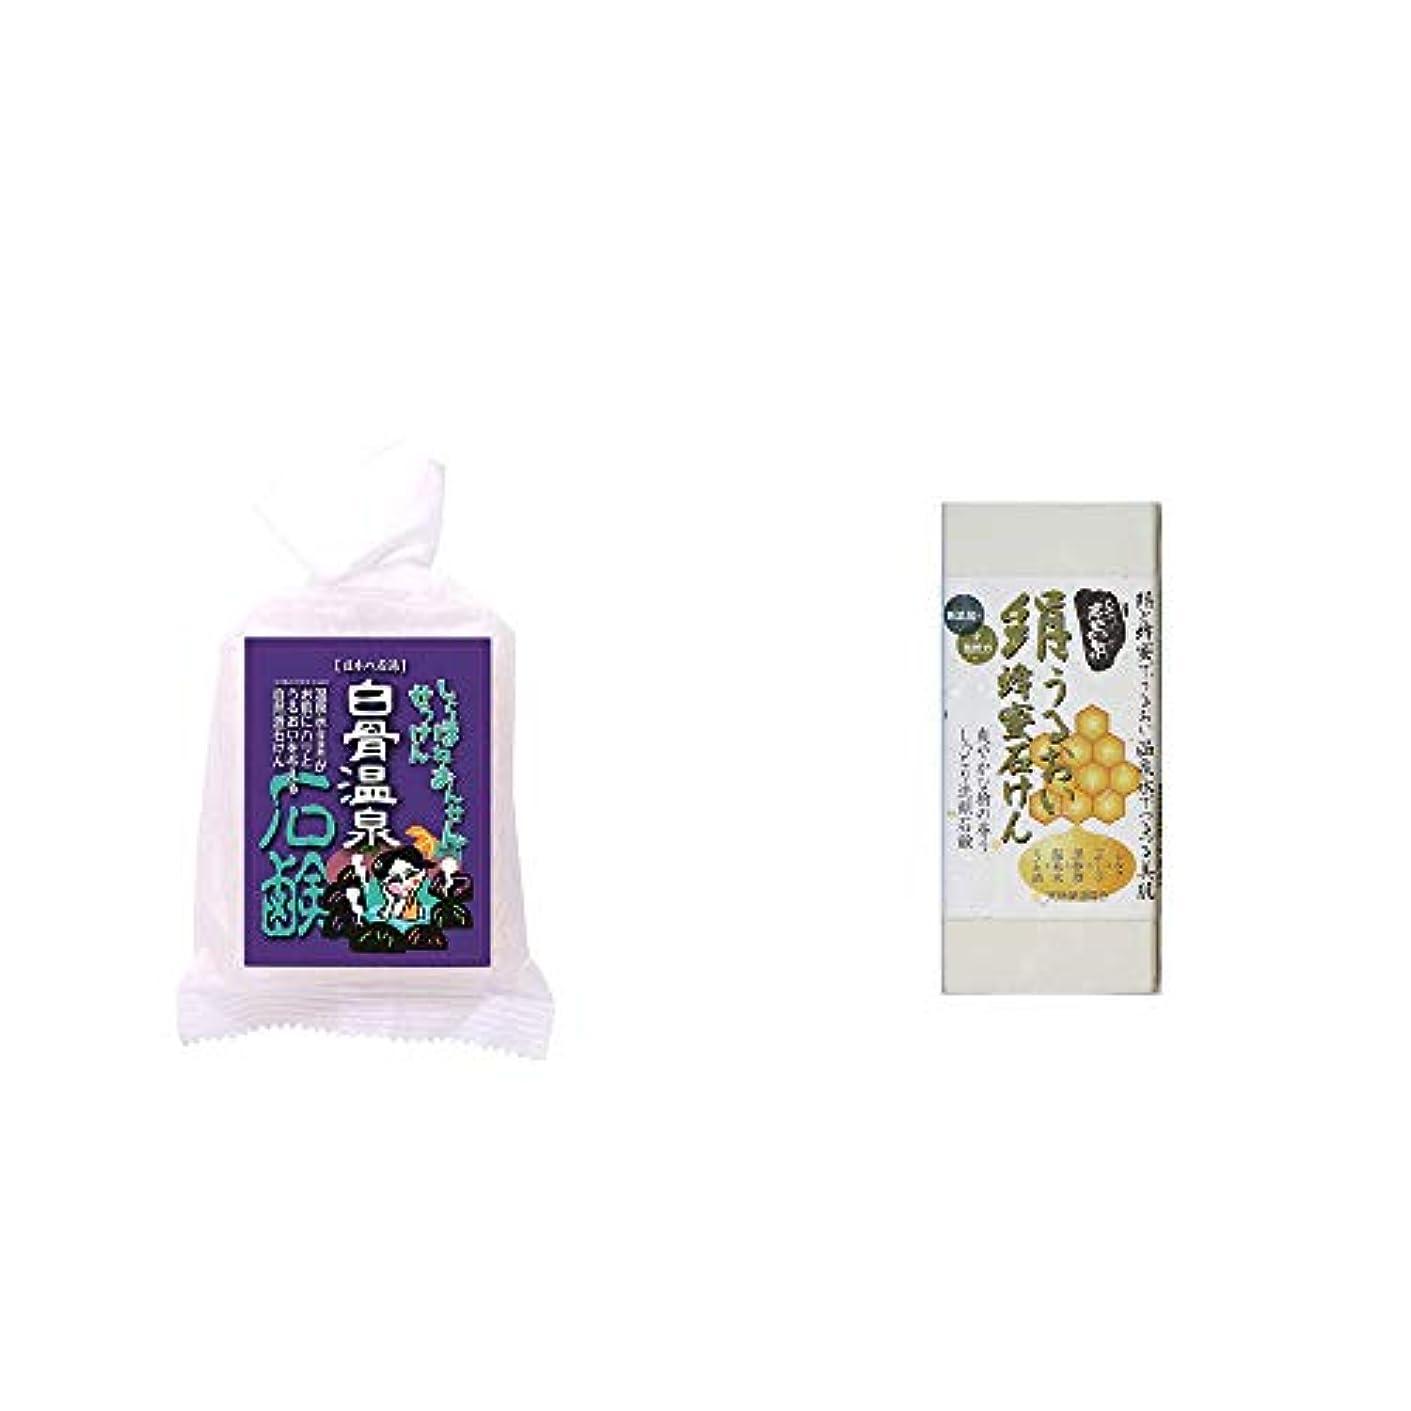 属する合図確率[2点セット] 信州 白骨温泉石鹸(80g)?ひのき炭黒泉 絹うるおい蜂蜜石けん(75g×2)